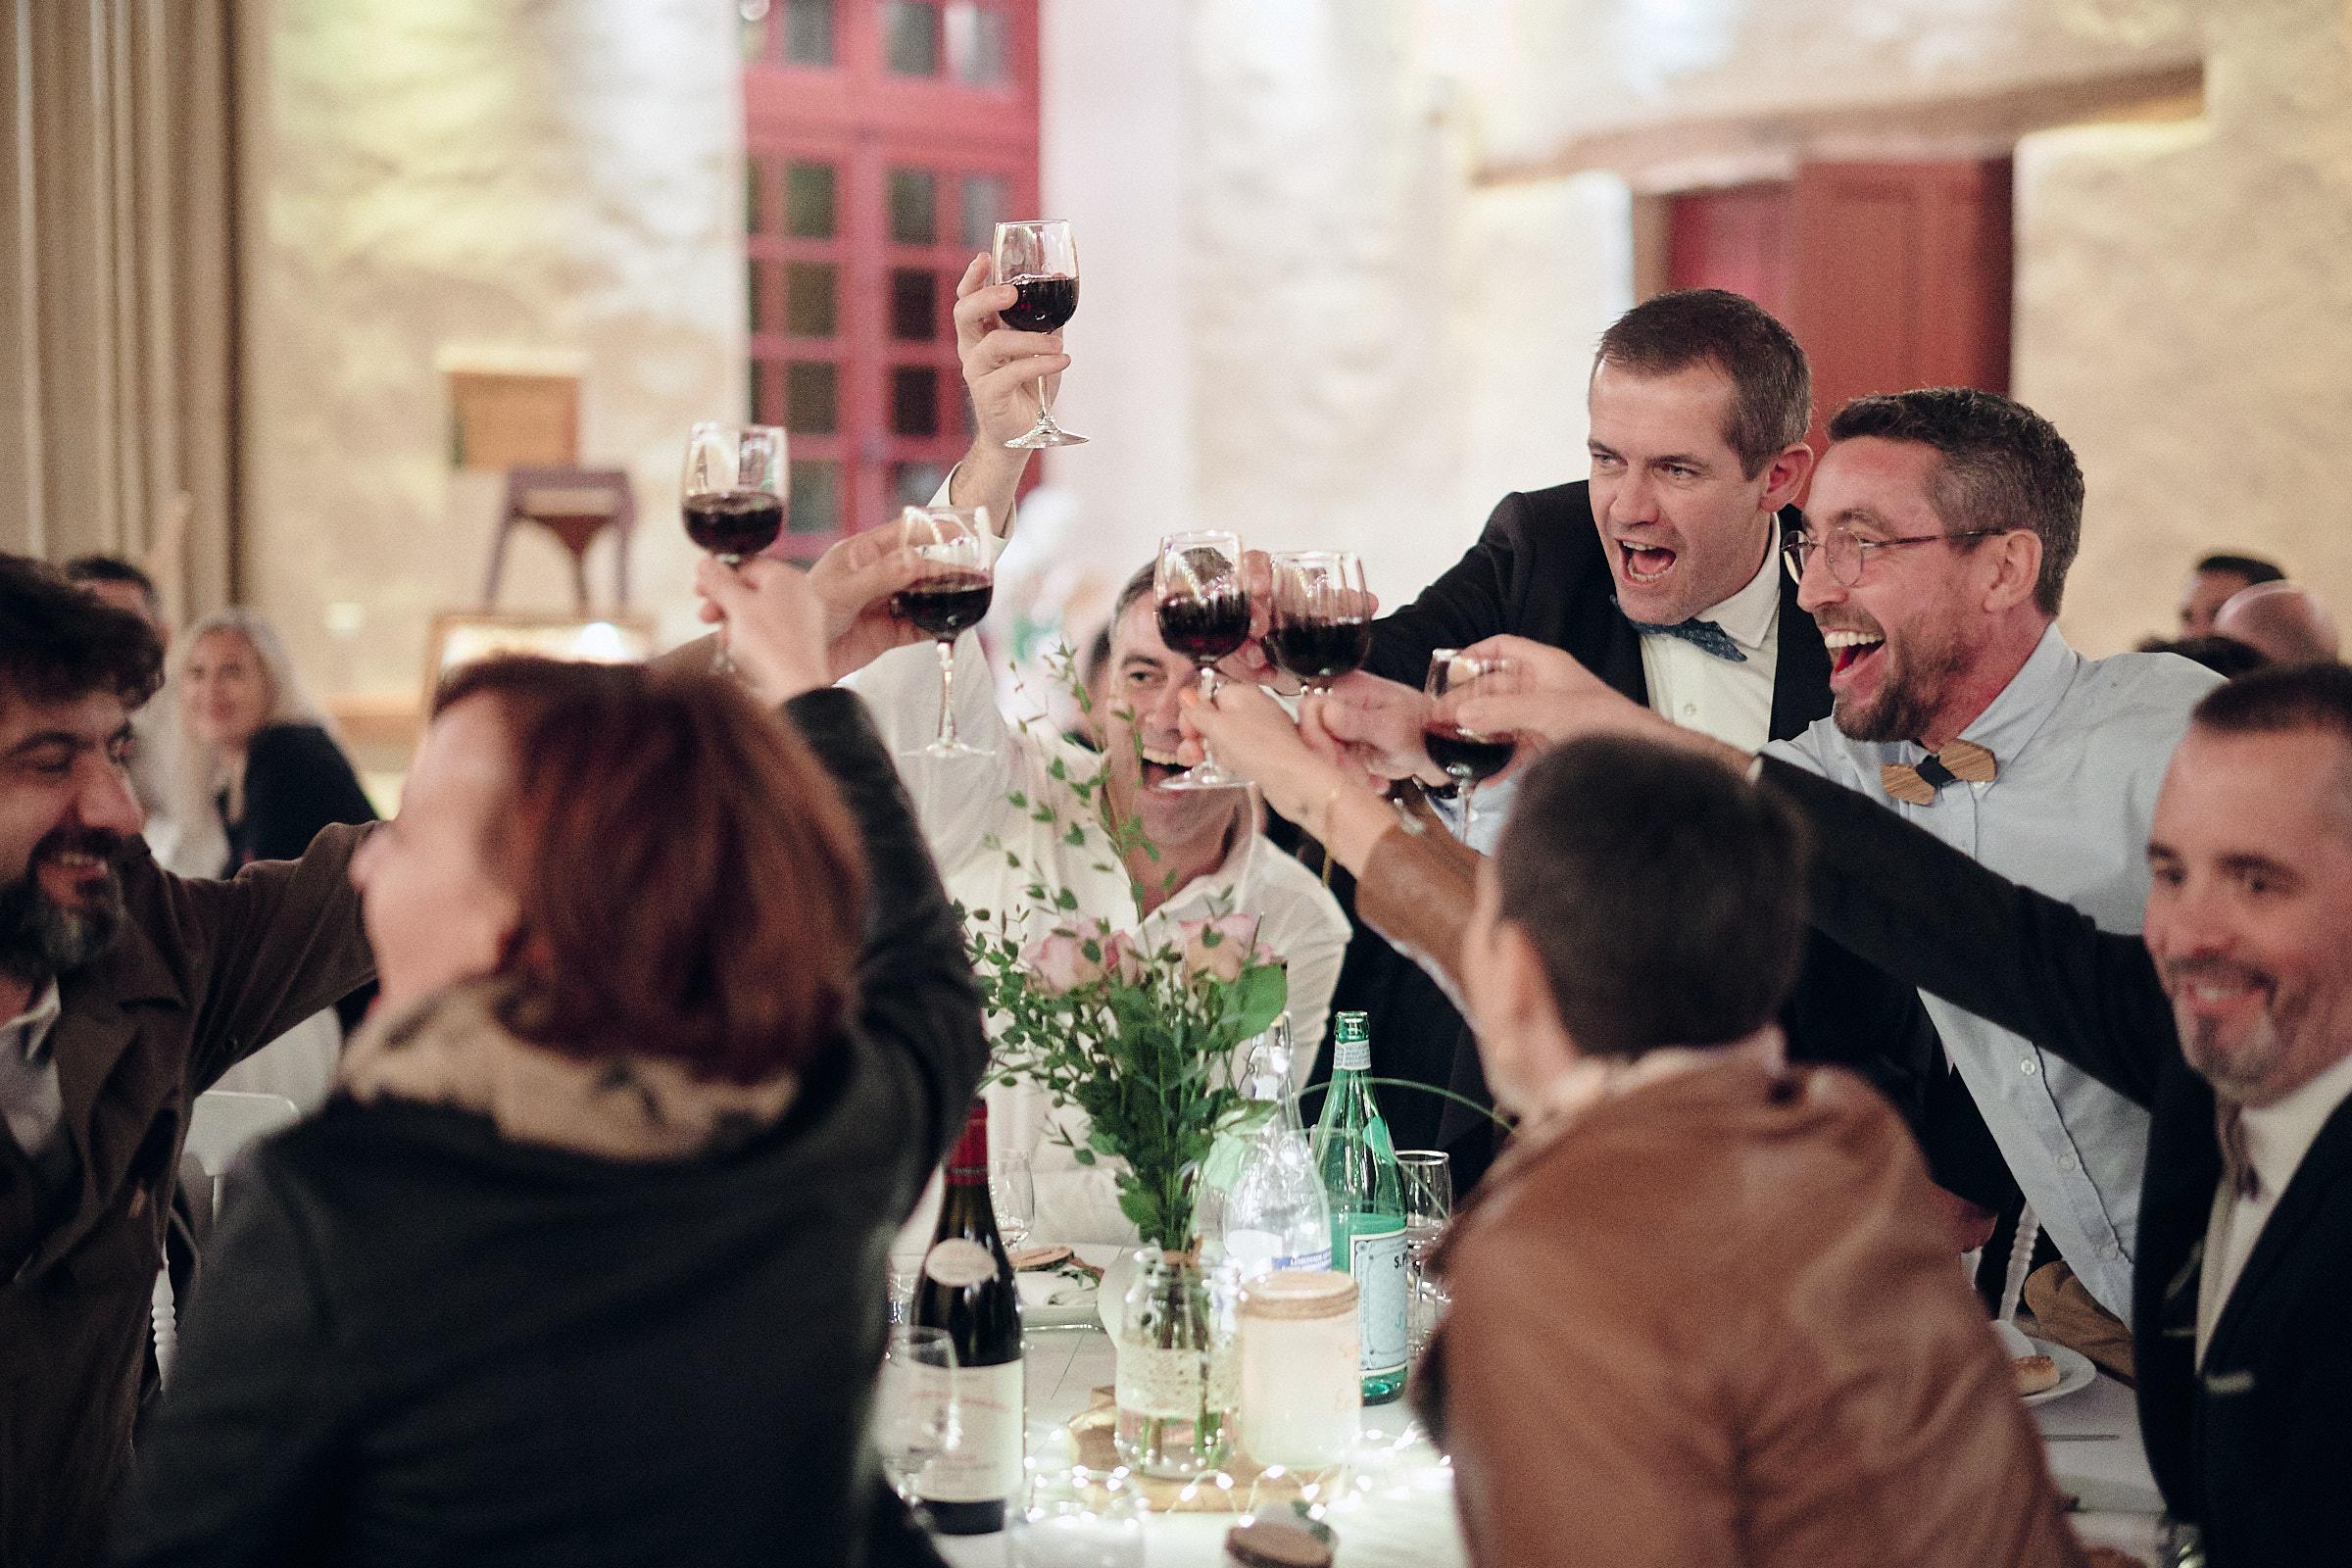 les invités trinquent à la santé des mariés